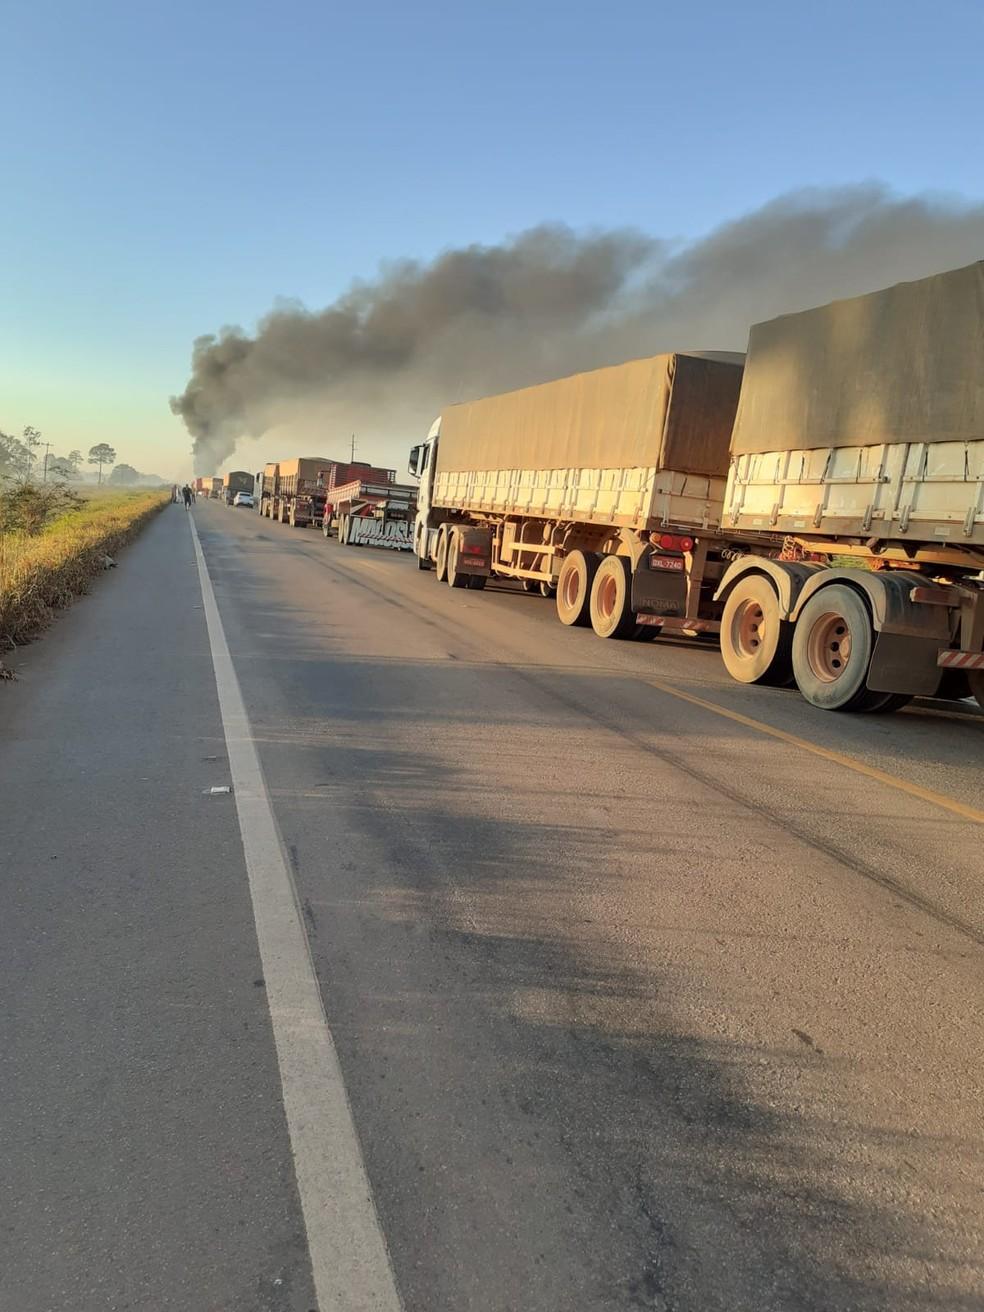 Congestionamento na BR-364 após acidente em Itapuã do Oeste (RO) — Foto: Reprodução/Redes Sociais